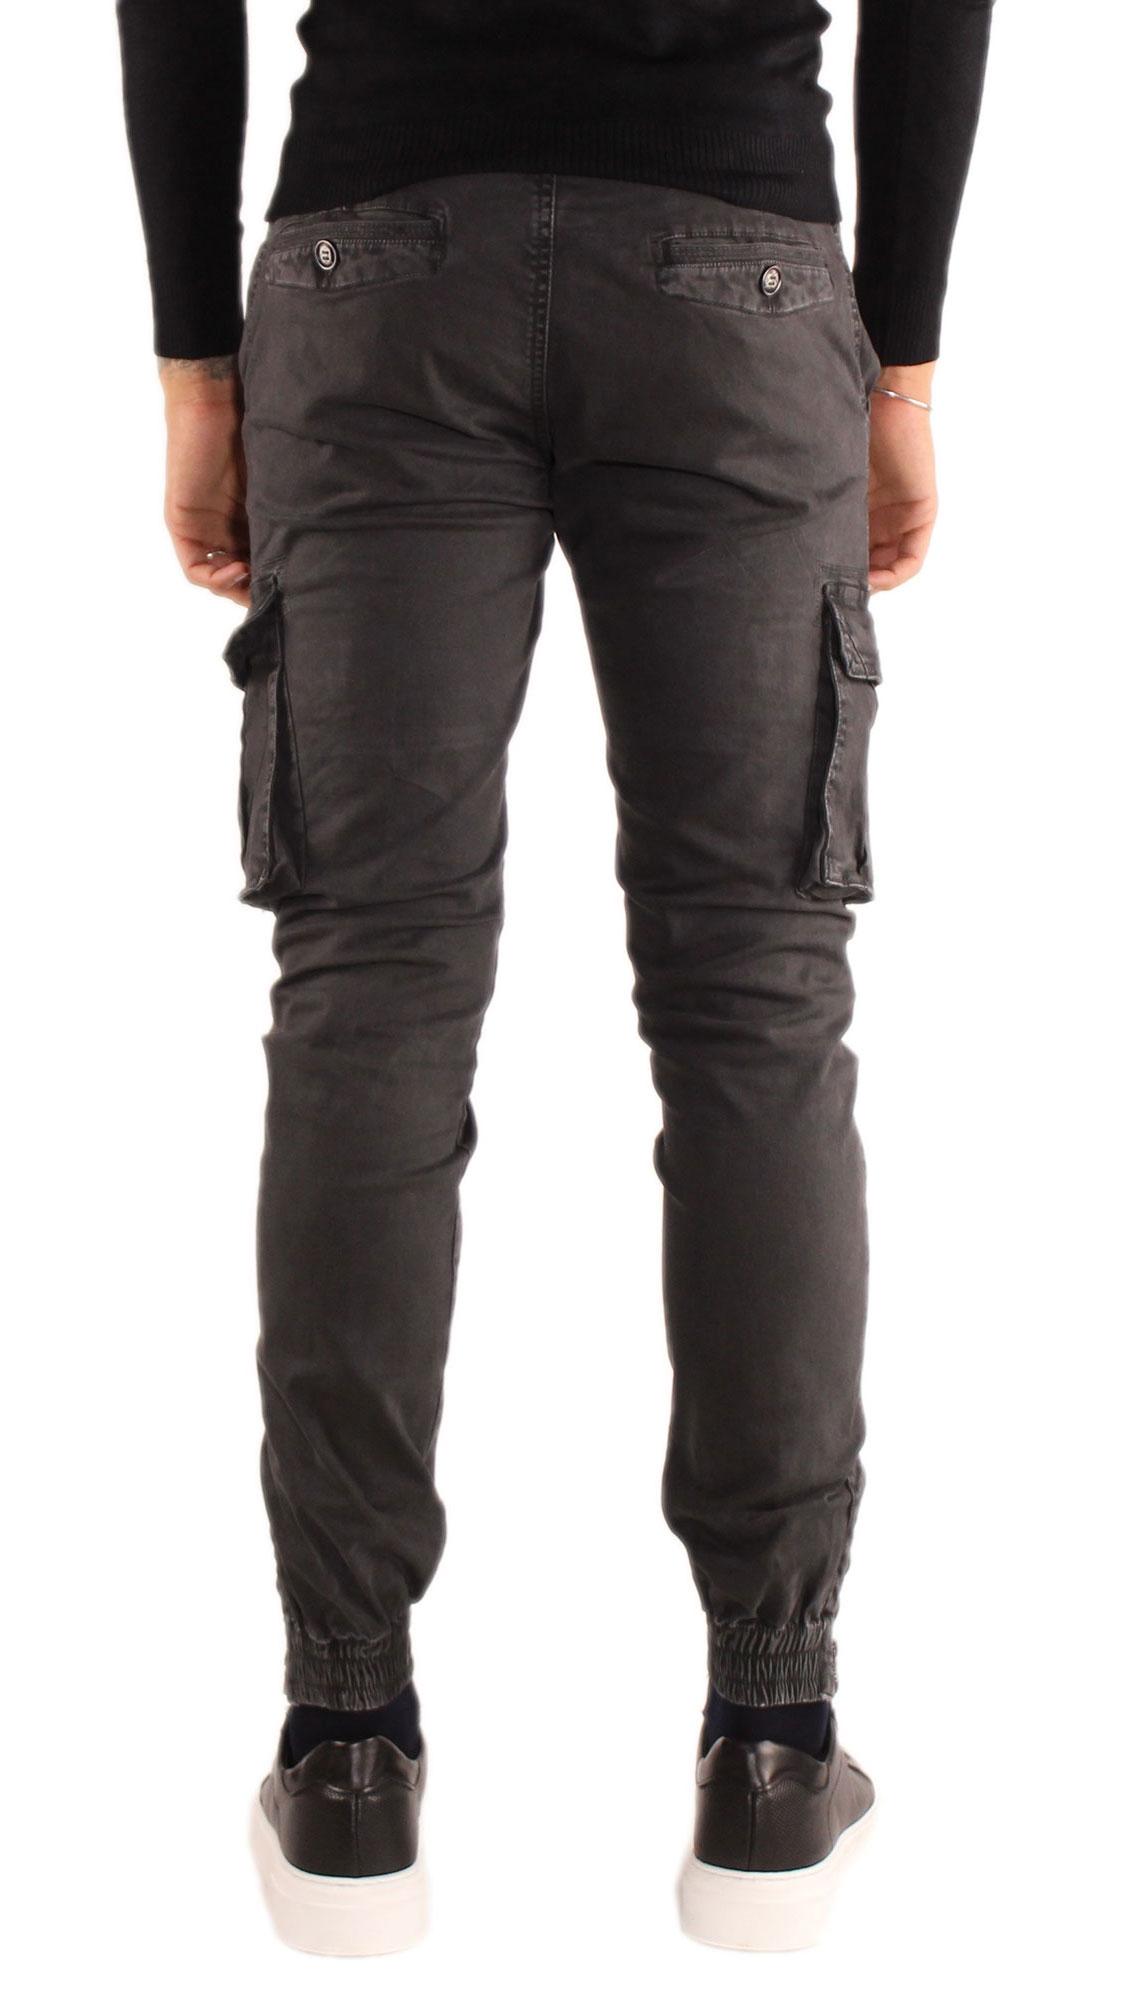 Pantaloni-Cargo-Uomo-Tasche-Laterali-Invernali-Cotone-Slim-Fit-Tasconi-Casual miniatura 5